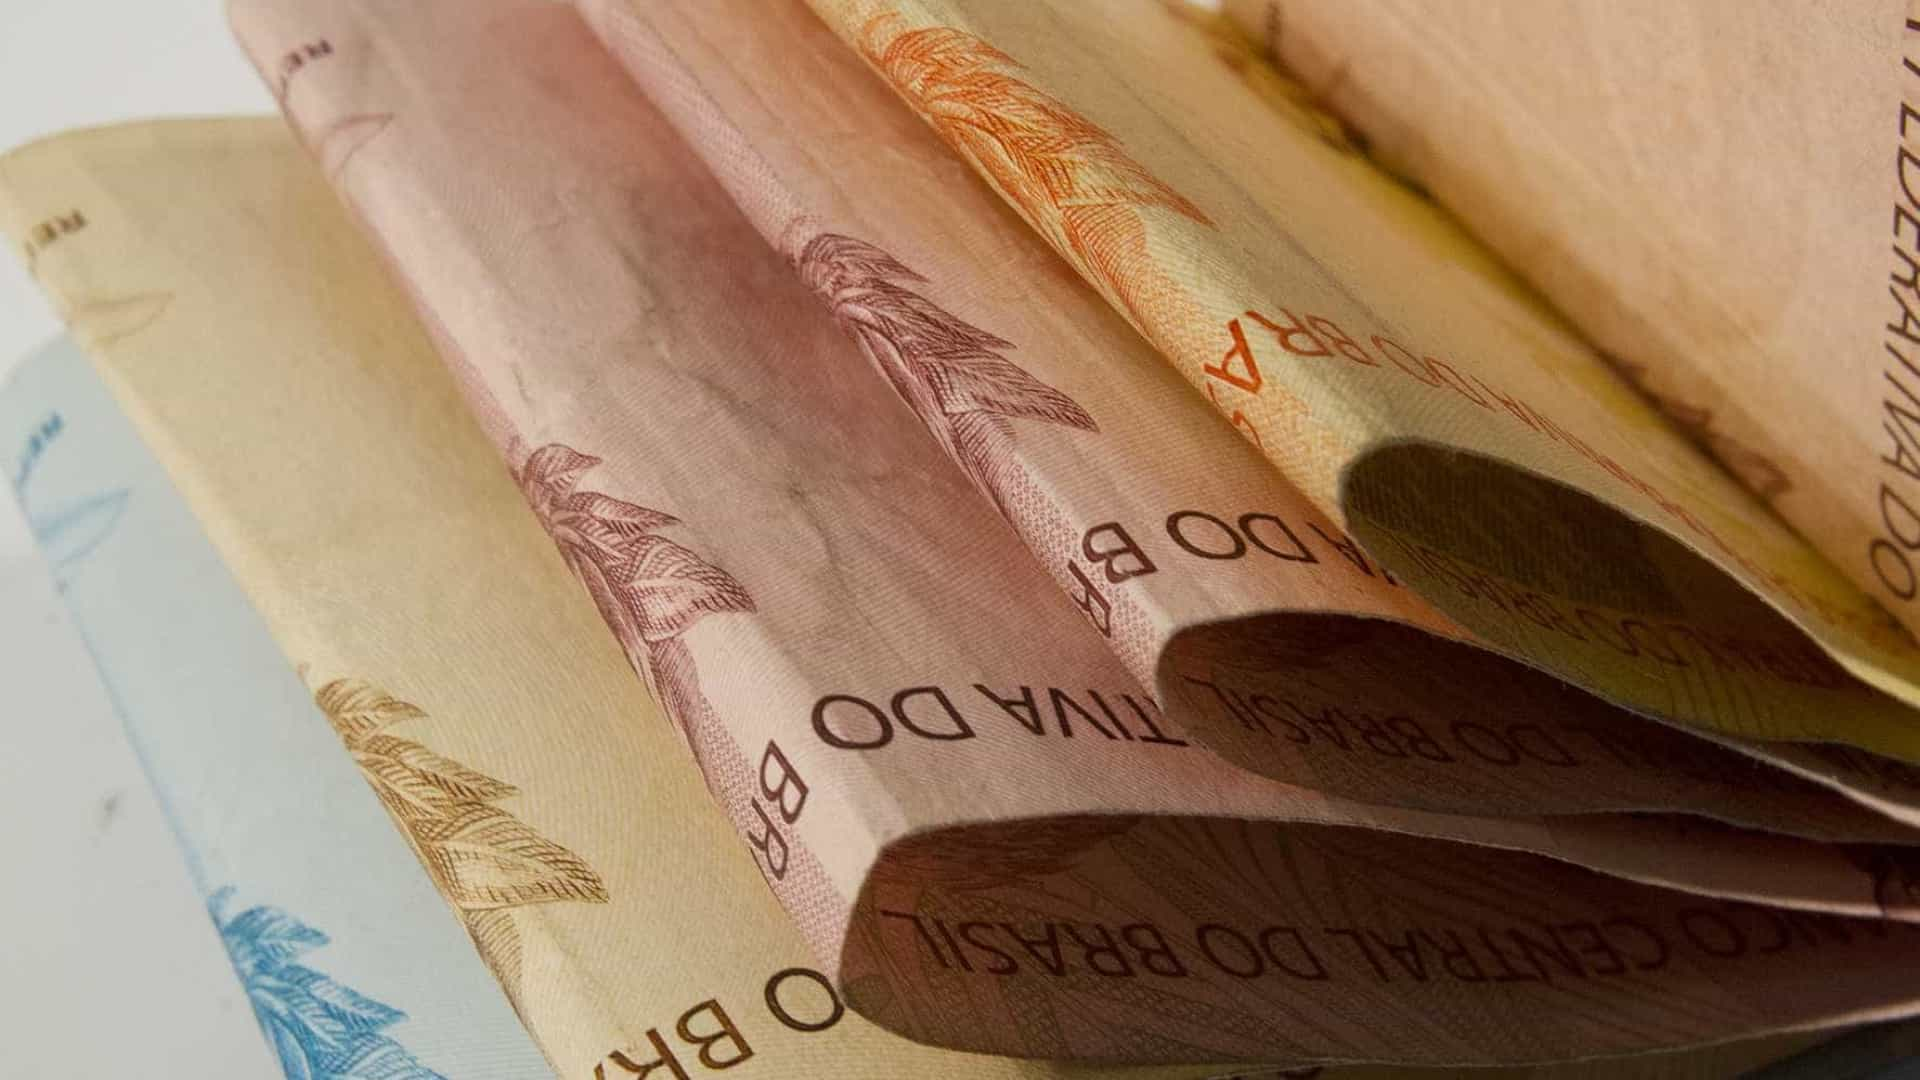 Alta do dólar eleva endividamento dos estados em R$ 15 bilhões